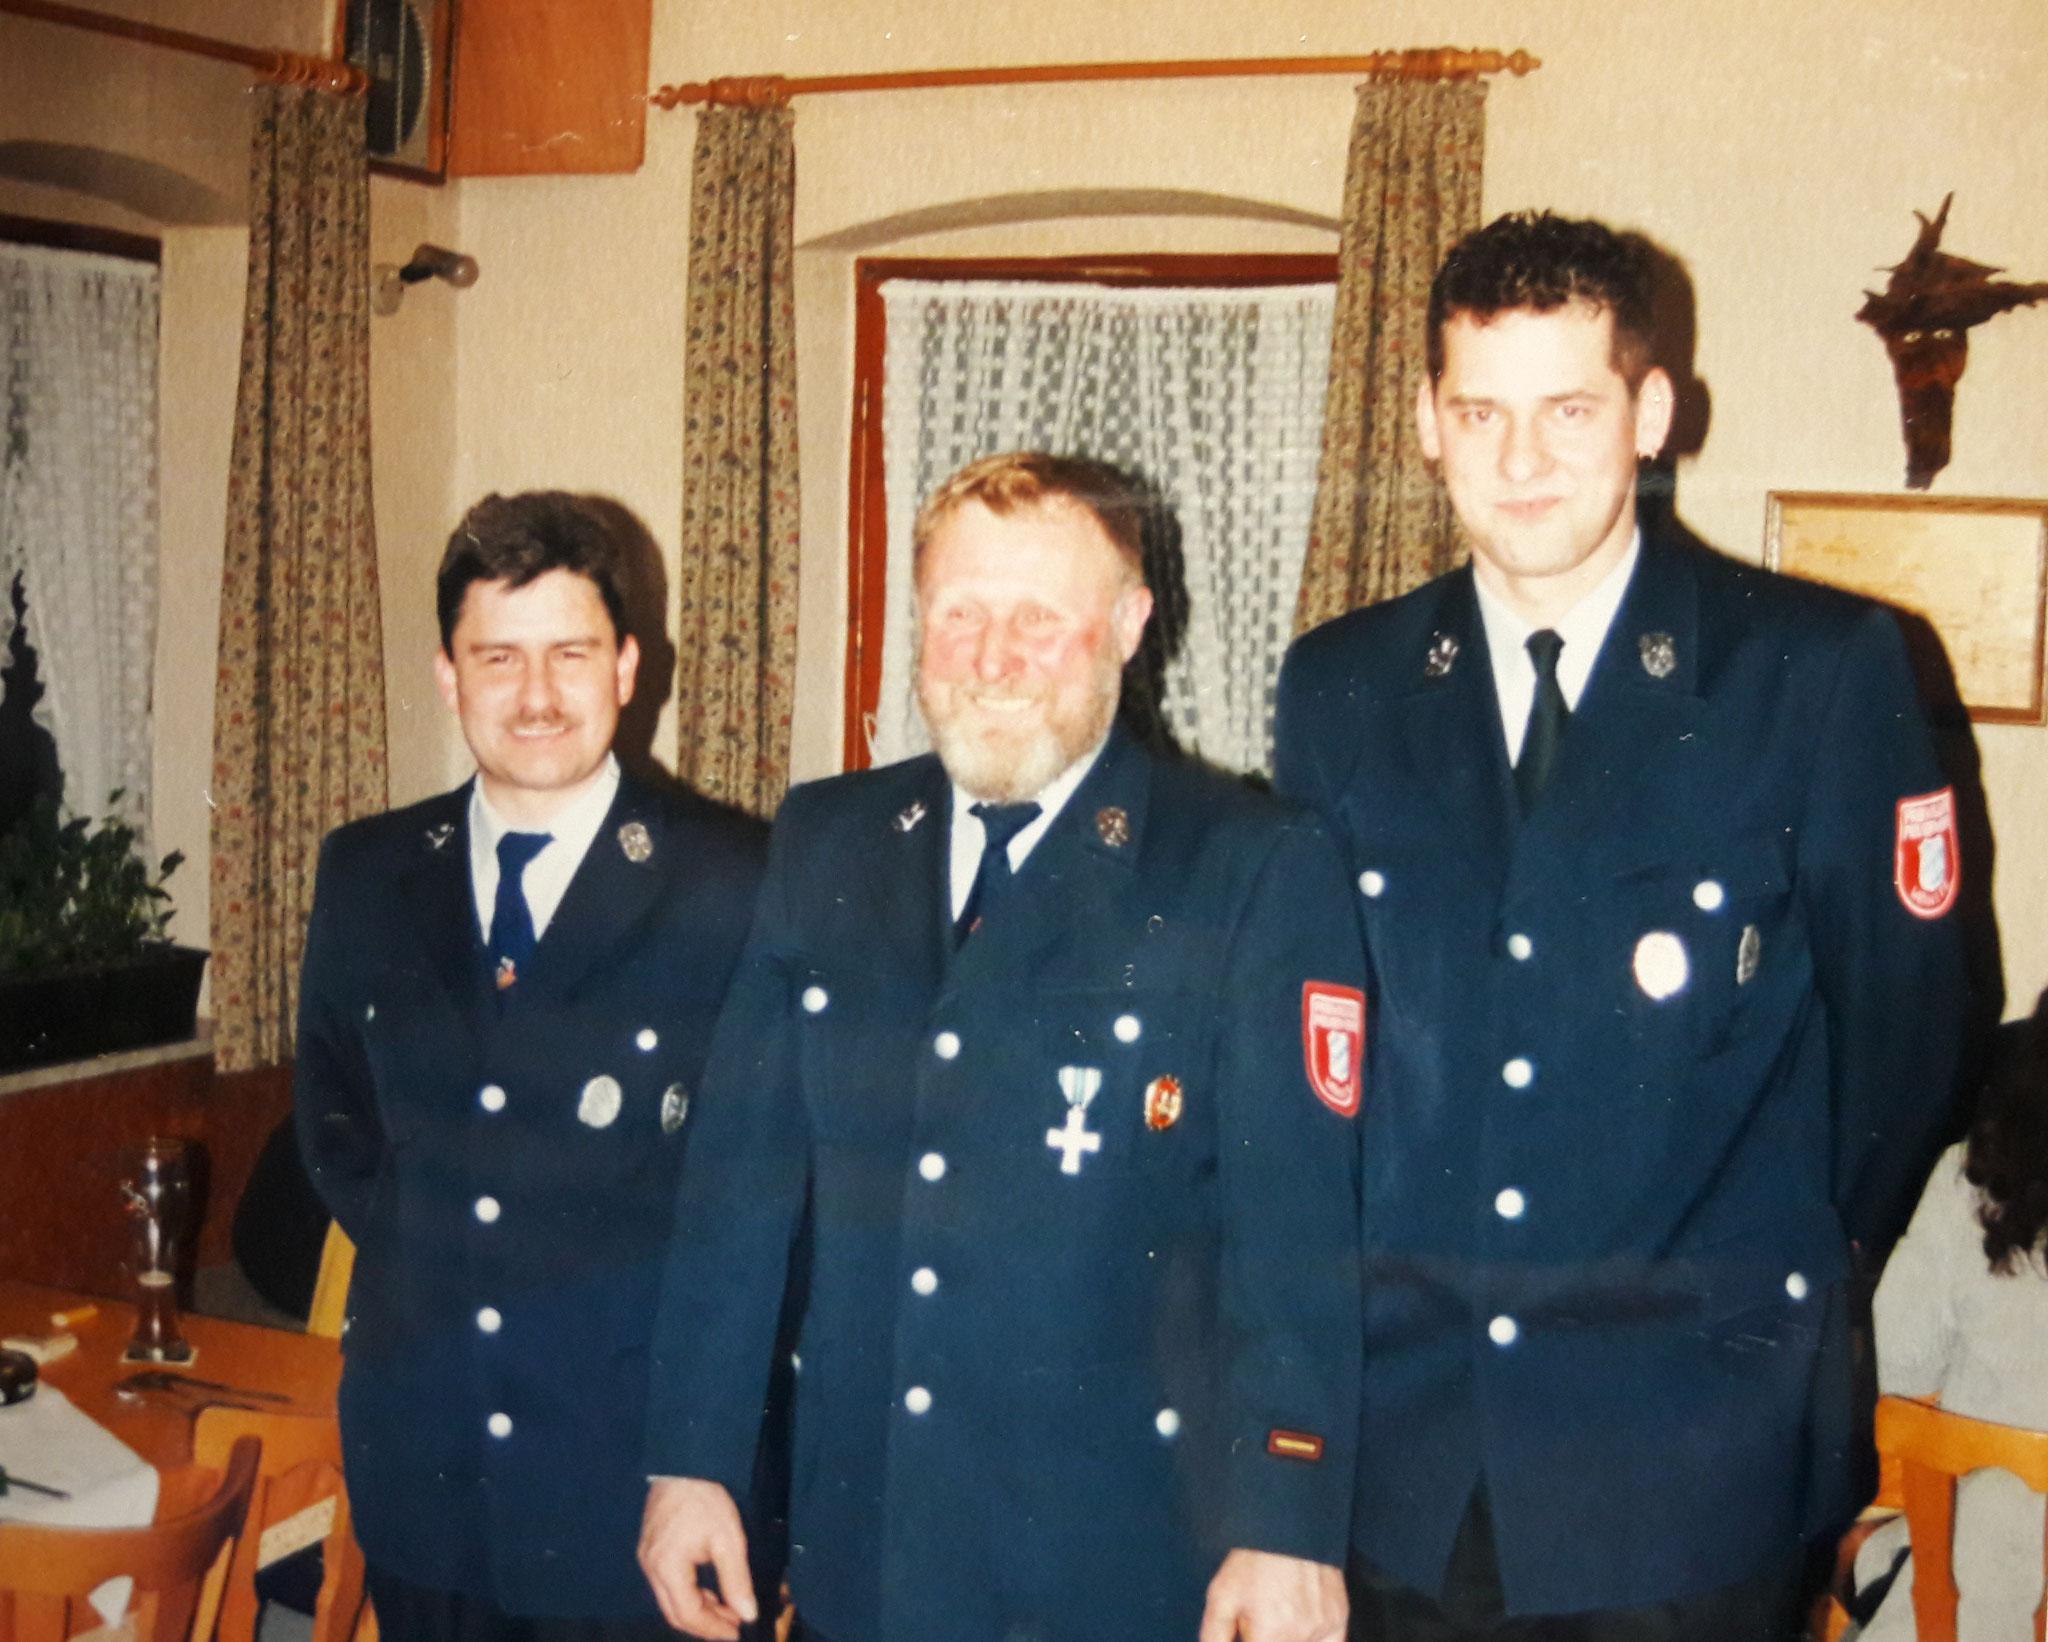 Der ehemalige Kommandant und seine Nachfolger 2000